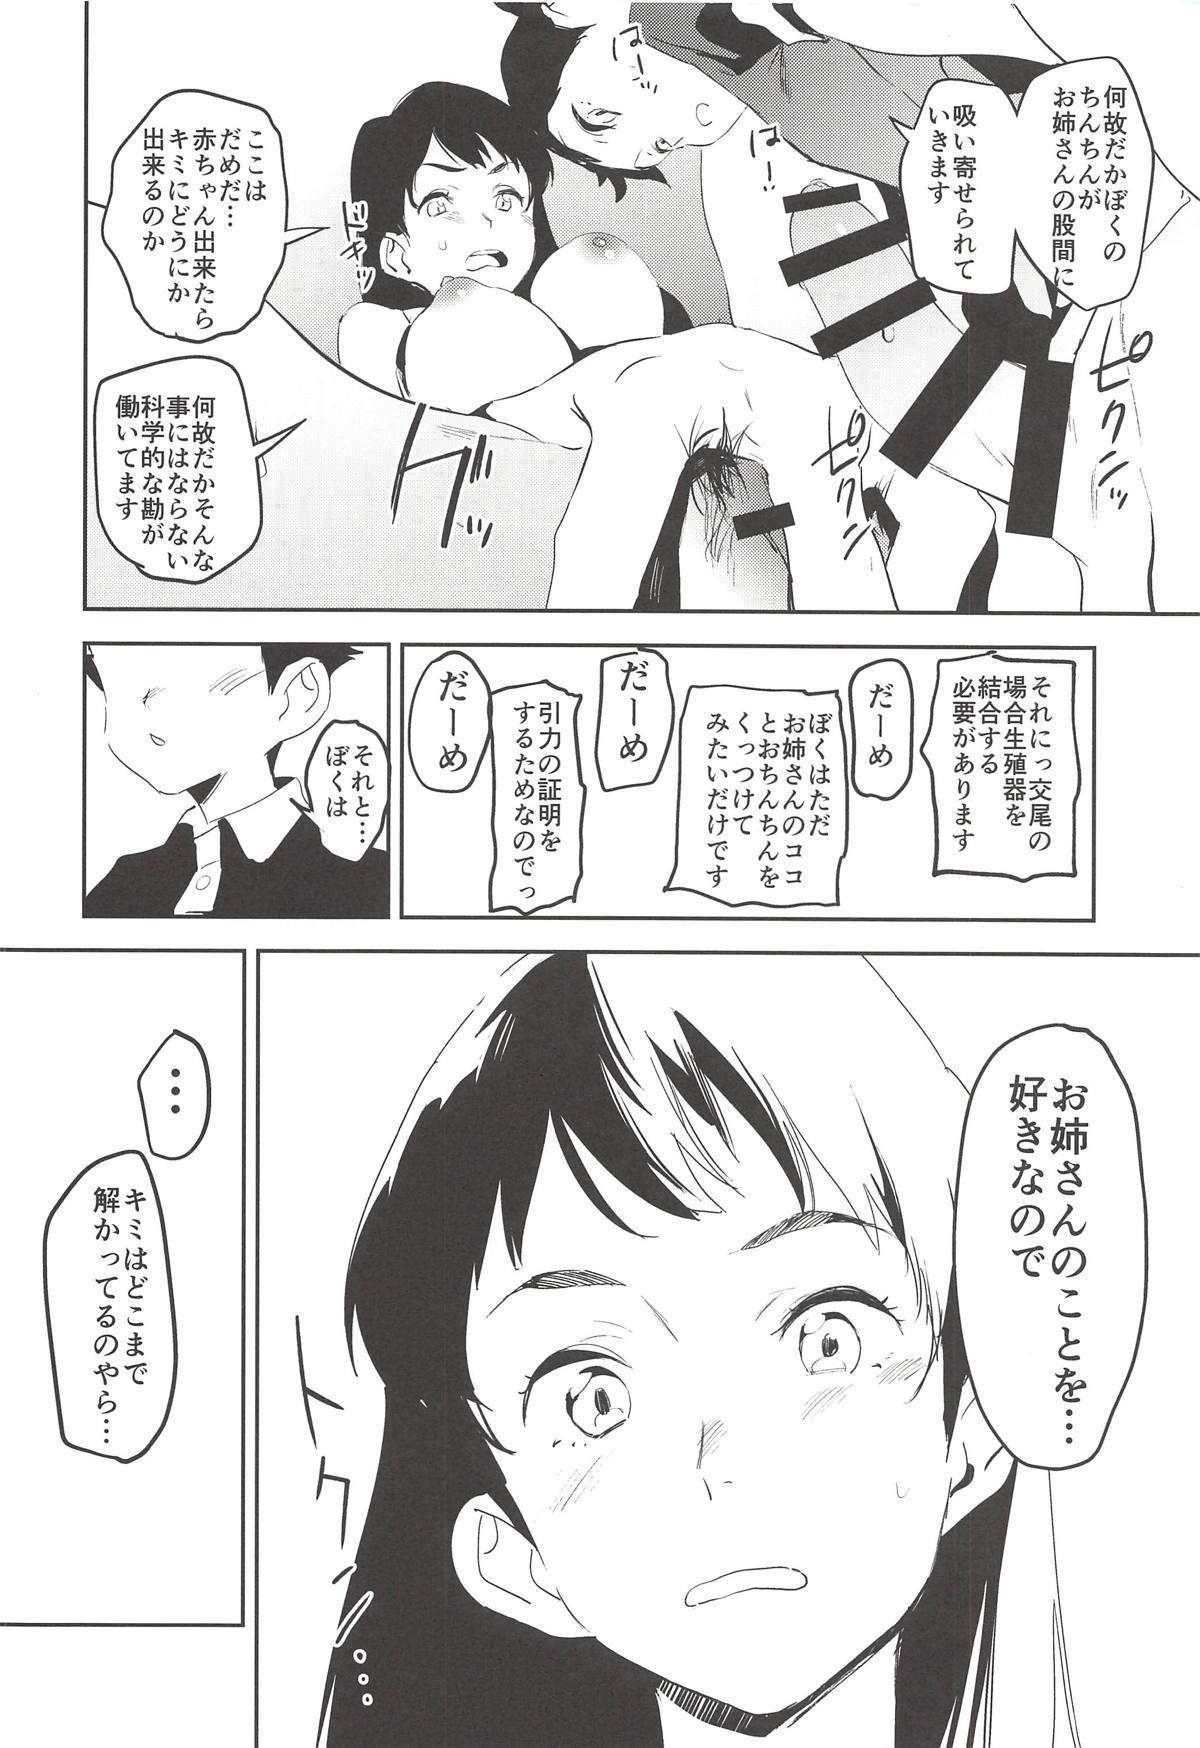 (COMIC1☆14) [Camrism (Kito Sakeru)] Oppai Highway - Onee-san no Kenkyuu (Penguin Highway) 16